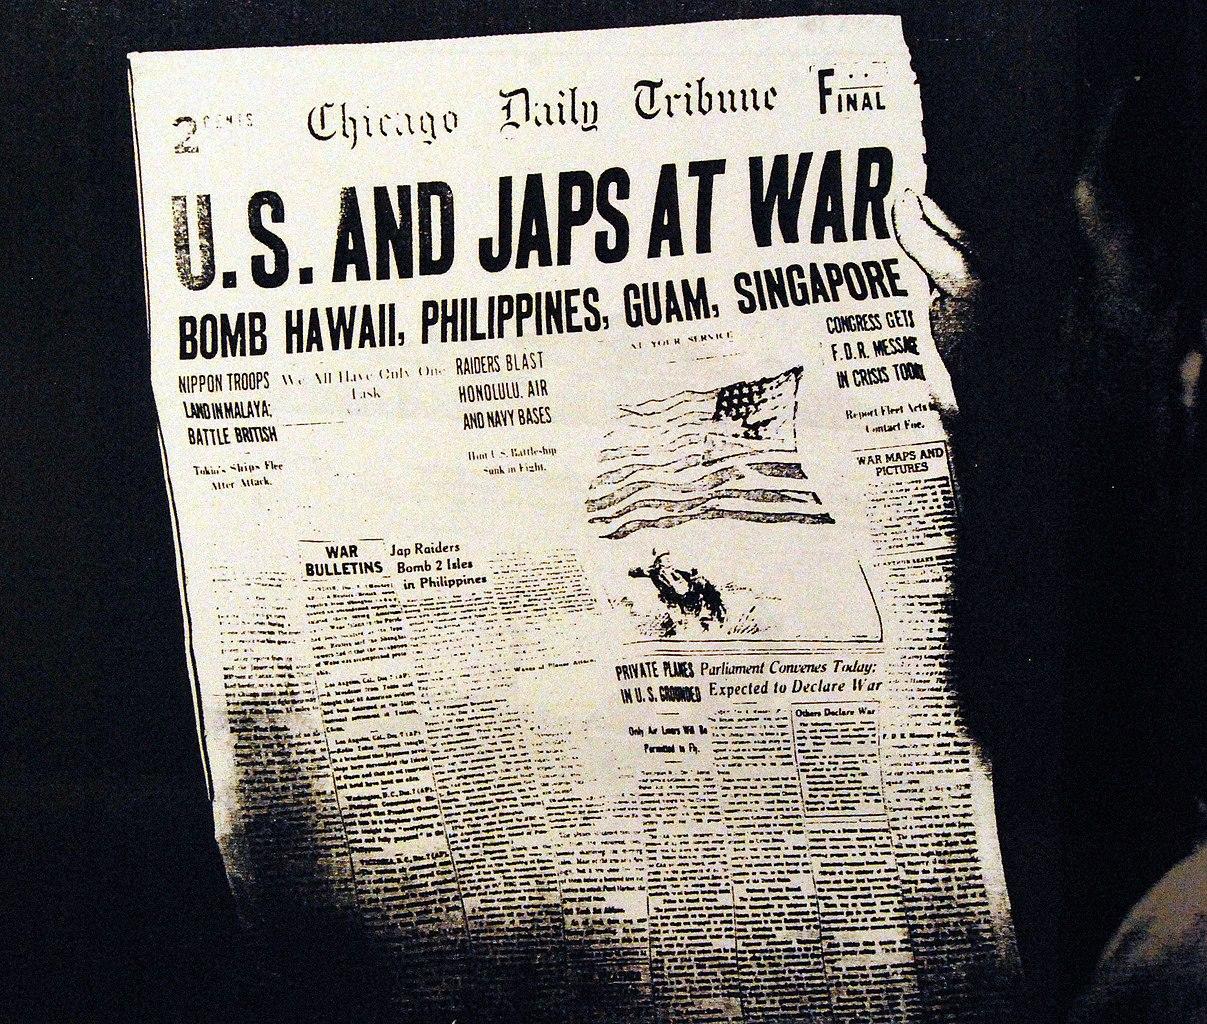 Nach dem Angriff auf Pearl Harbor erklärten die USA Japan den Krieg. Der Krieg wurde zum Weltkrieg.